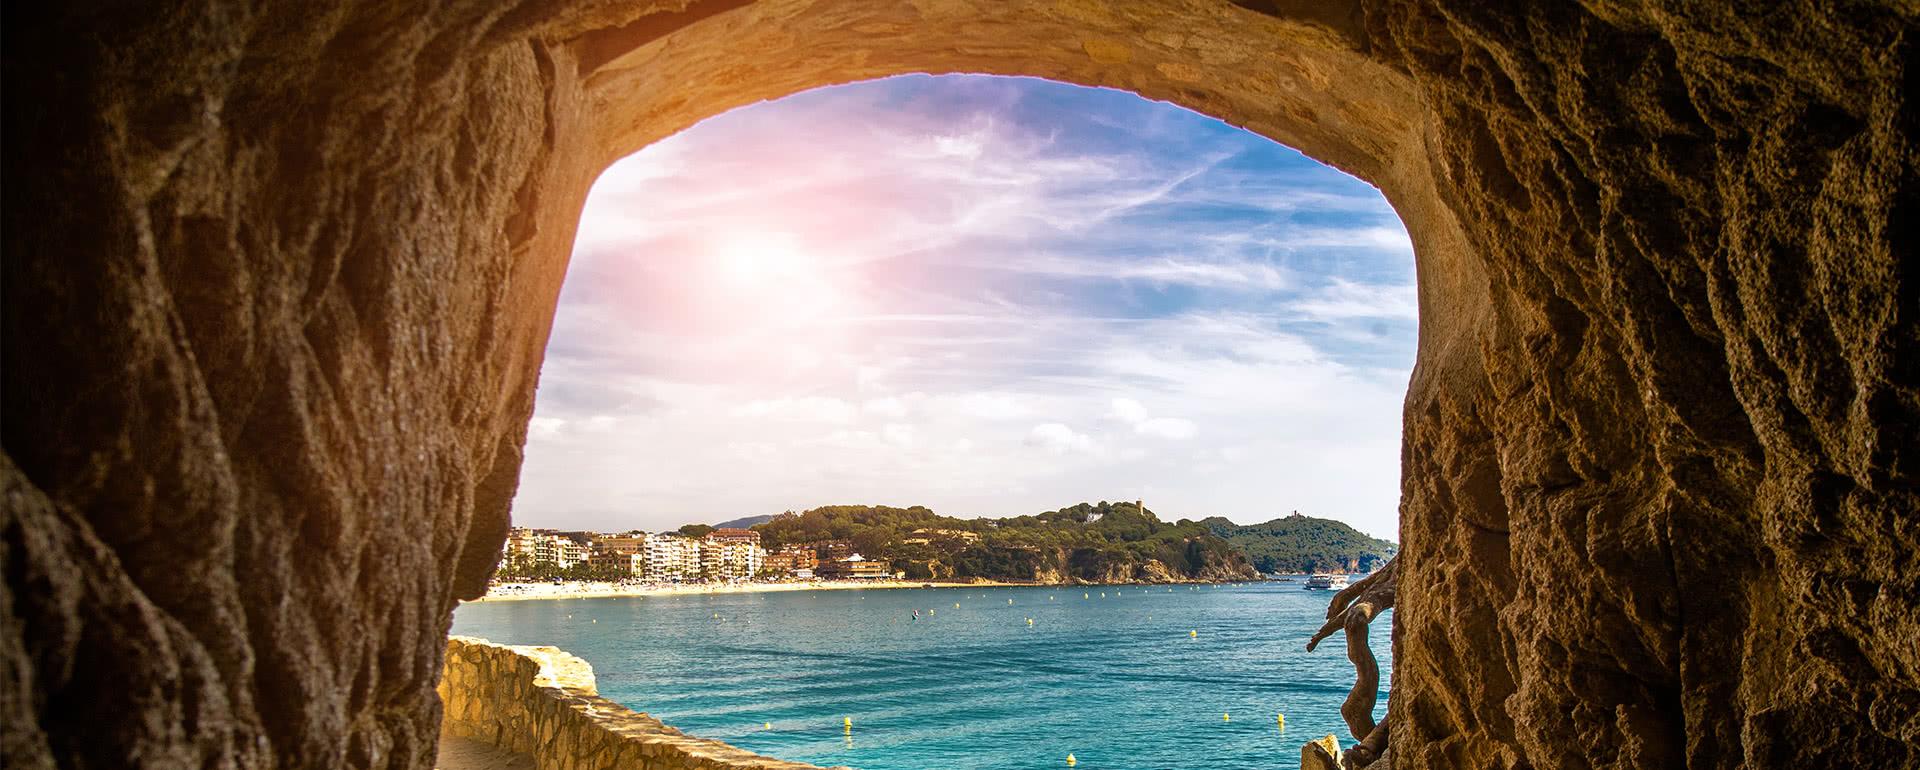 Titelbild von Lloret de Mar